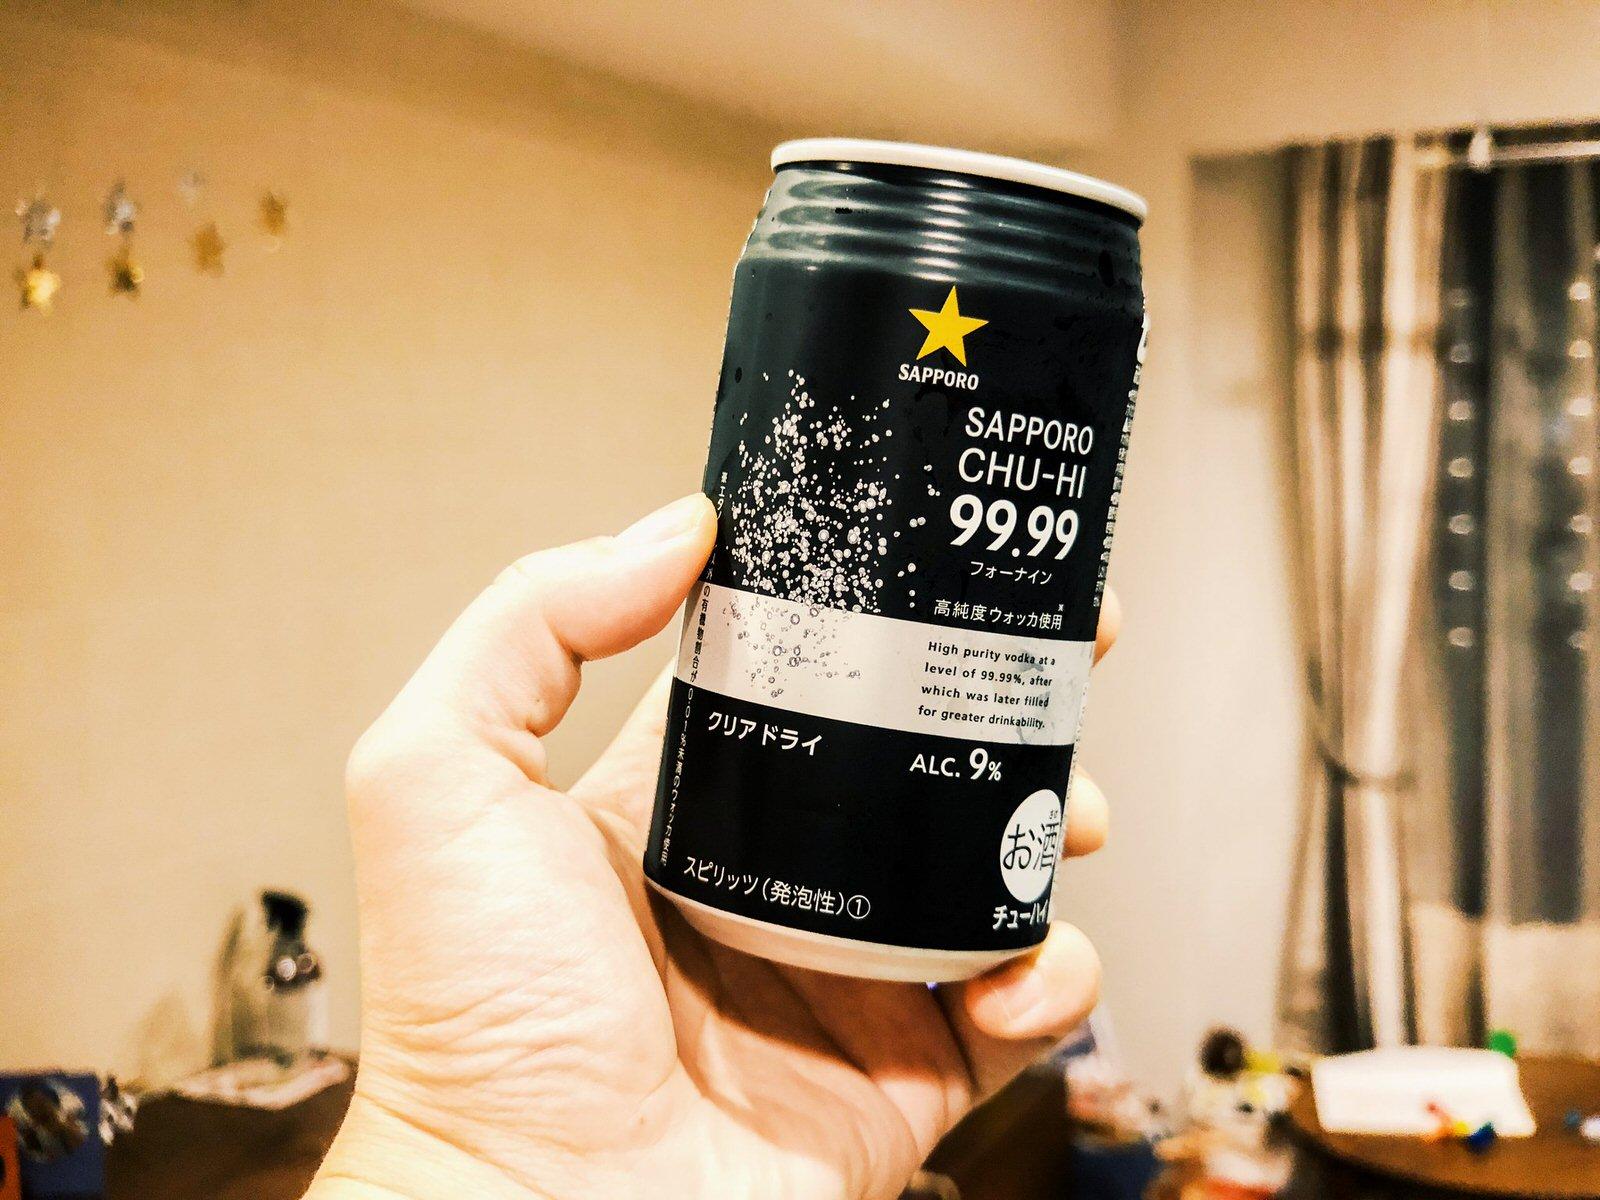 缶チューハイ「99.99」が飲みやすくてヤバい!「アルコール度数9%の水」「ストロング系を淘汰しそう」と話題